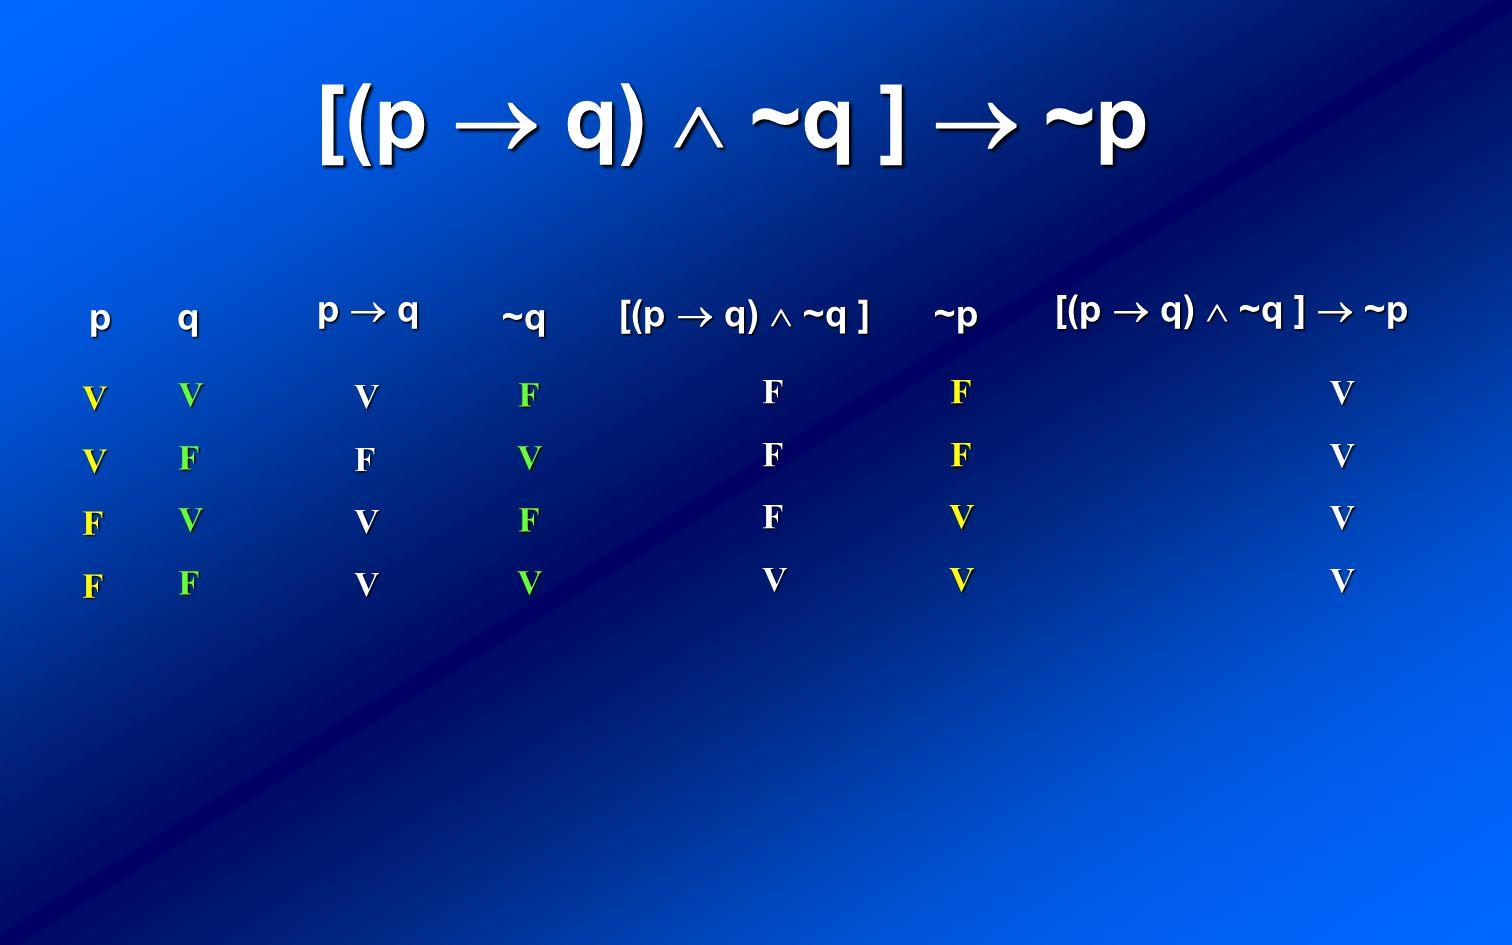 [(p q) ~q ] ~p VVFF p VFVF q VFVV p q FFFV [(p q) ~q ] FVFV ~q VVVV [(p q) ~q ] ~p FFVV ~p